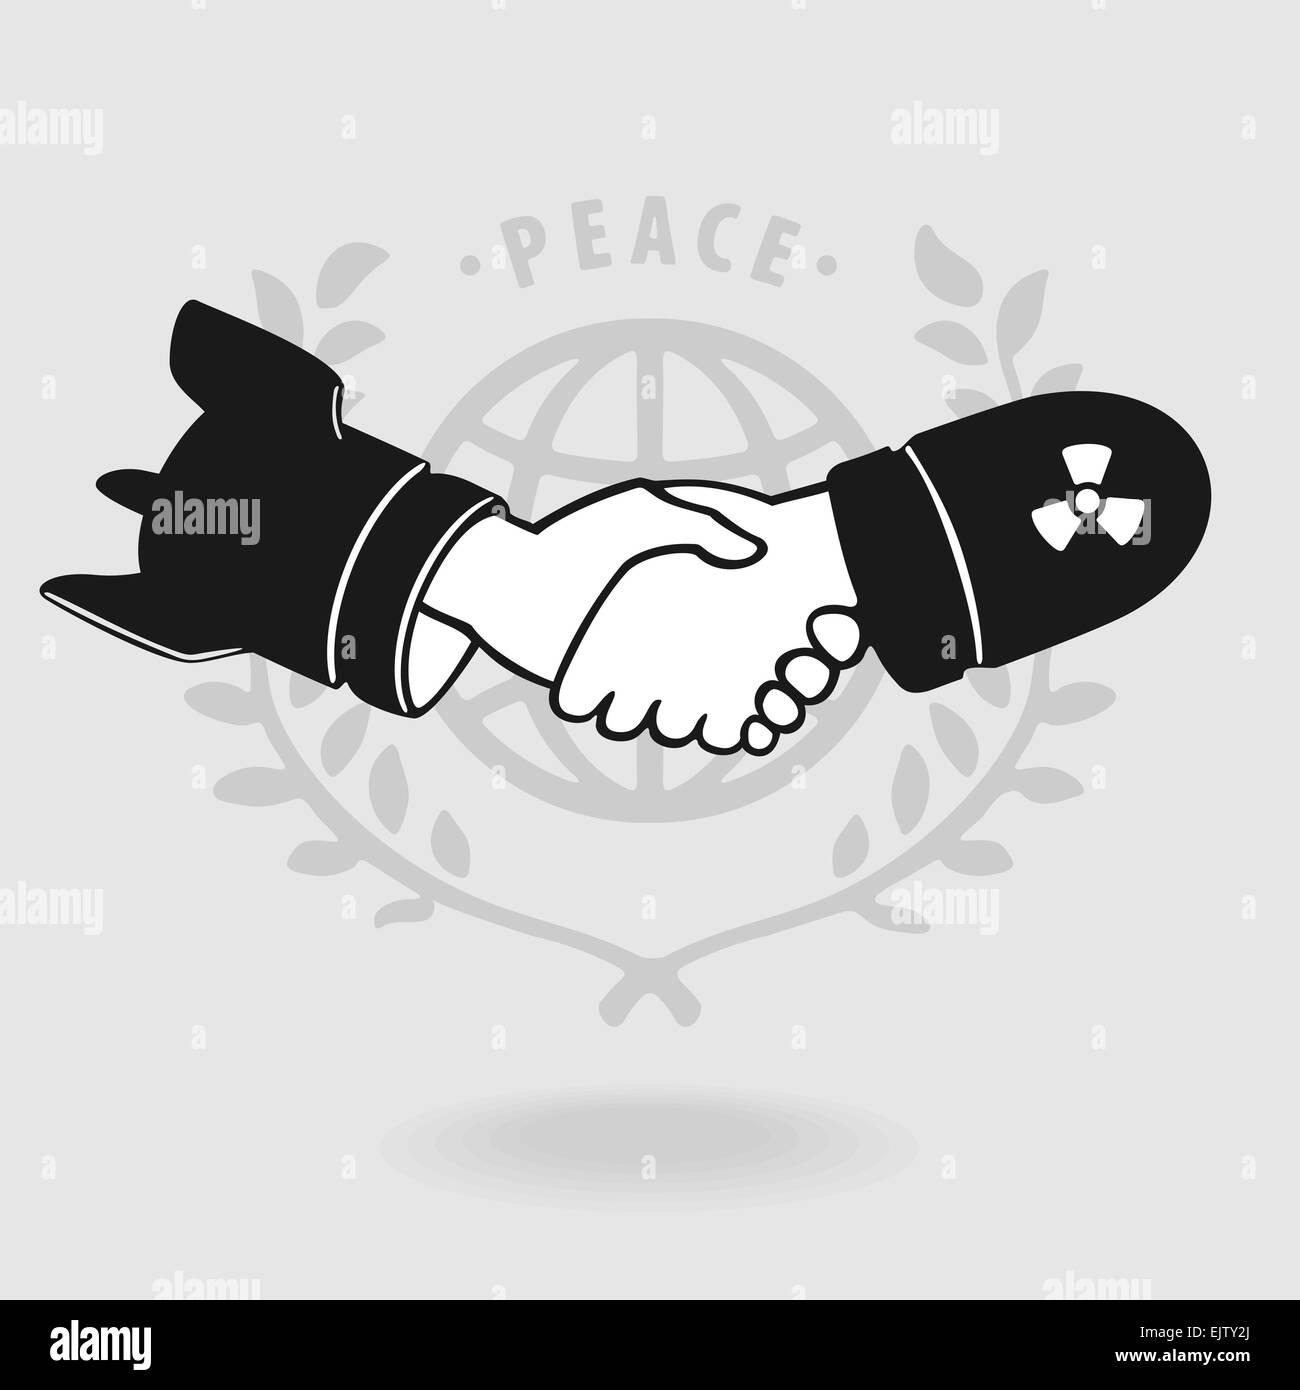 Symbol Shaking Truce - Stock Image